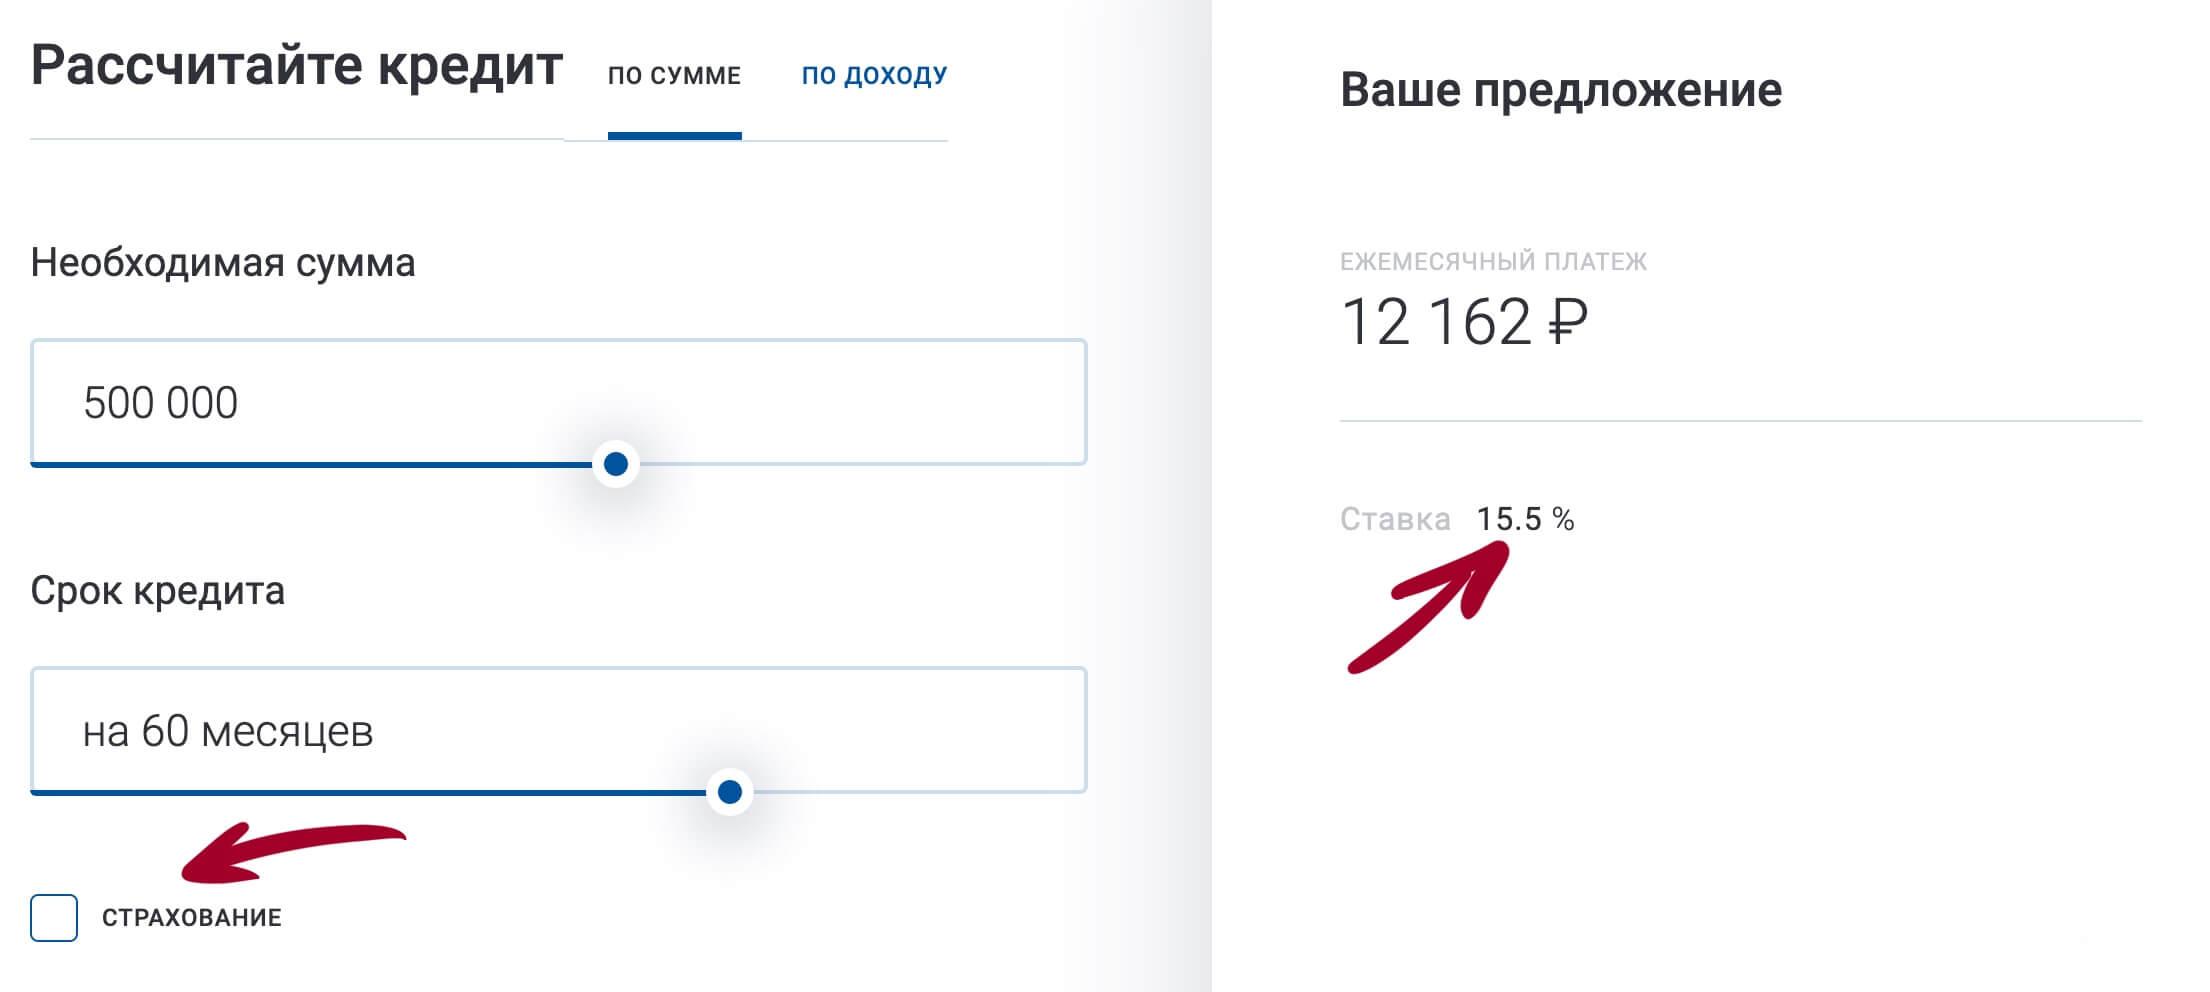 альфа банк кредит онлайн заявка на кредит наличными по паспорту